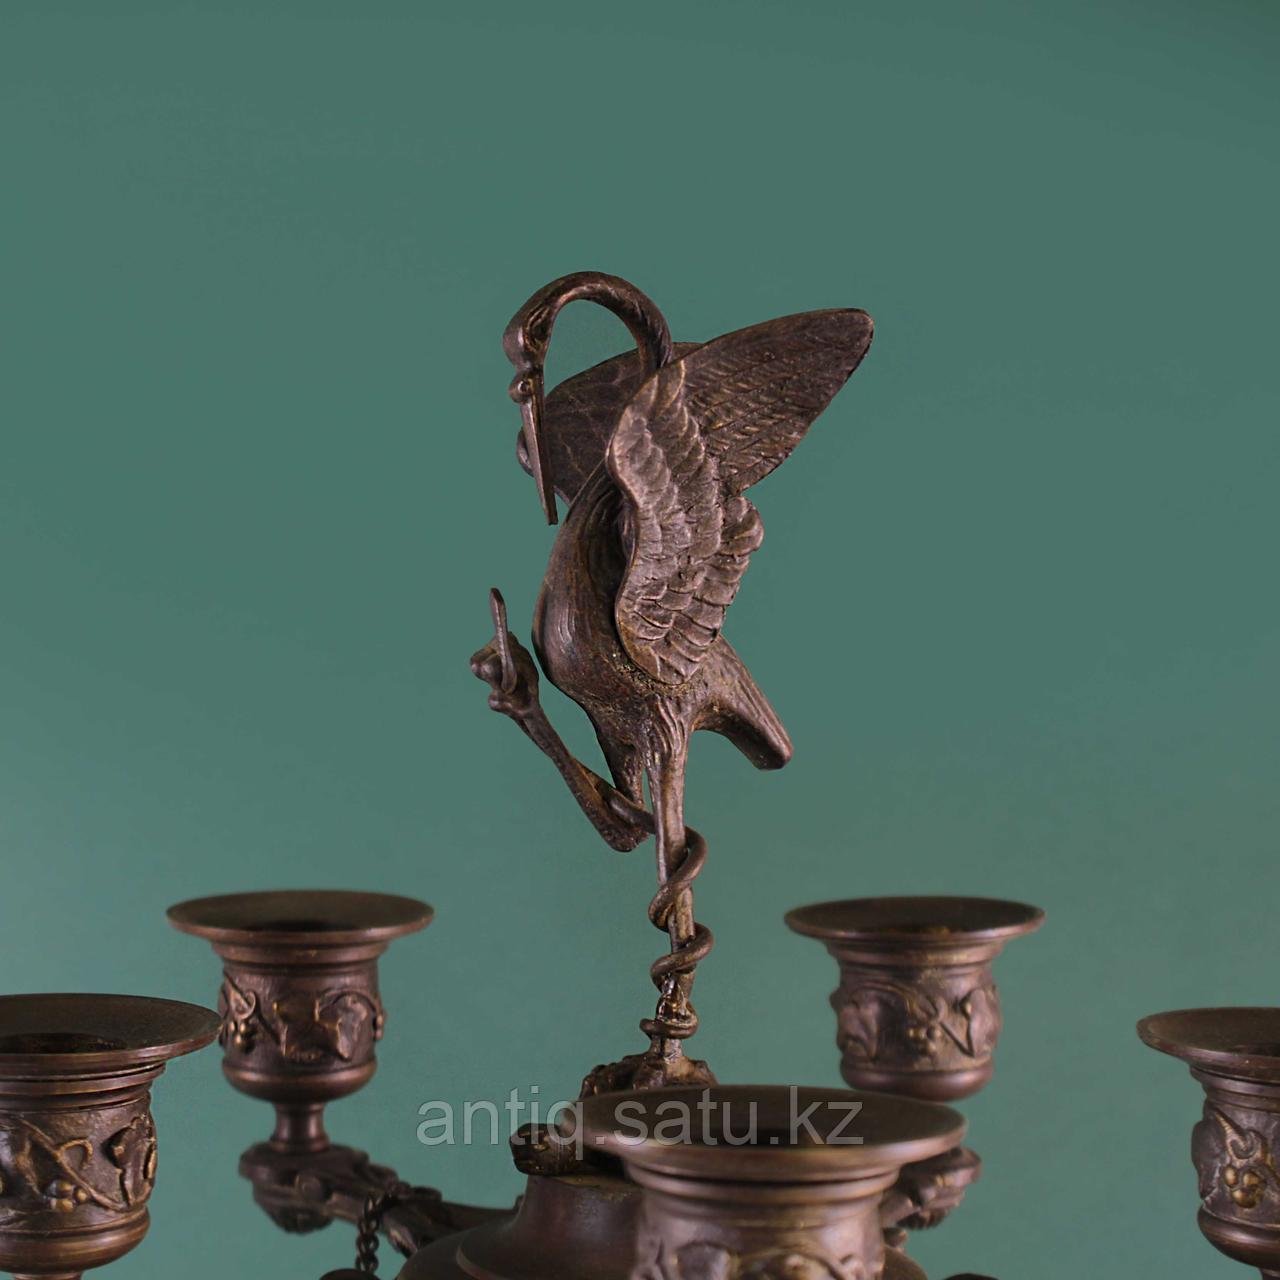 Парные канделябры в стиле Ампир. Франция. XIX век - фото 2